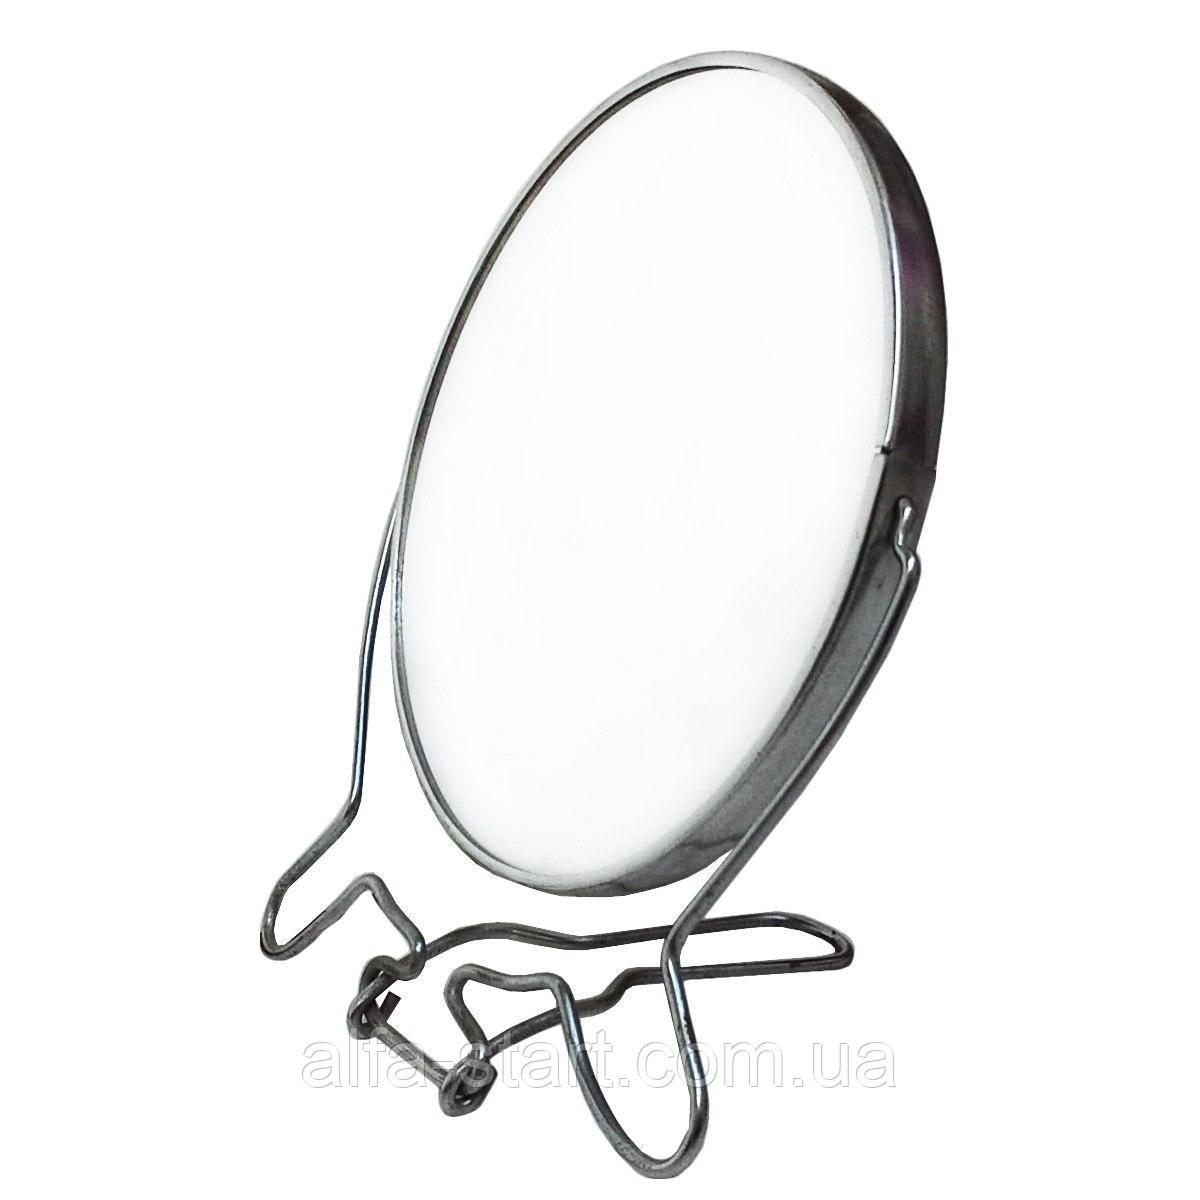 Настольное круглое двухстороннее зеркало 17см в хромированной оправе